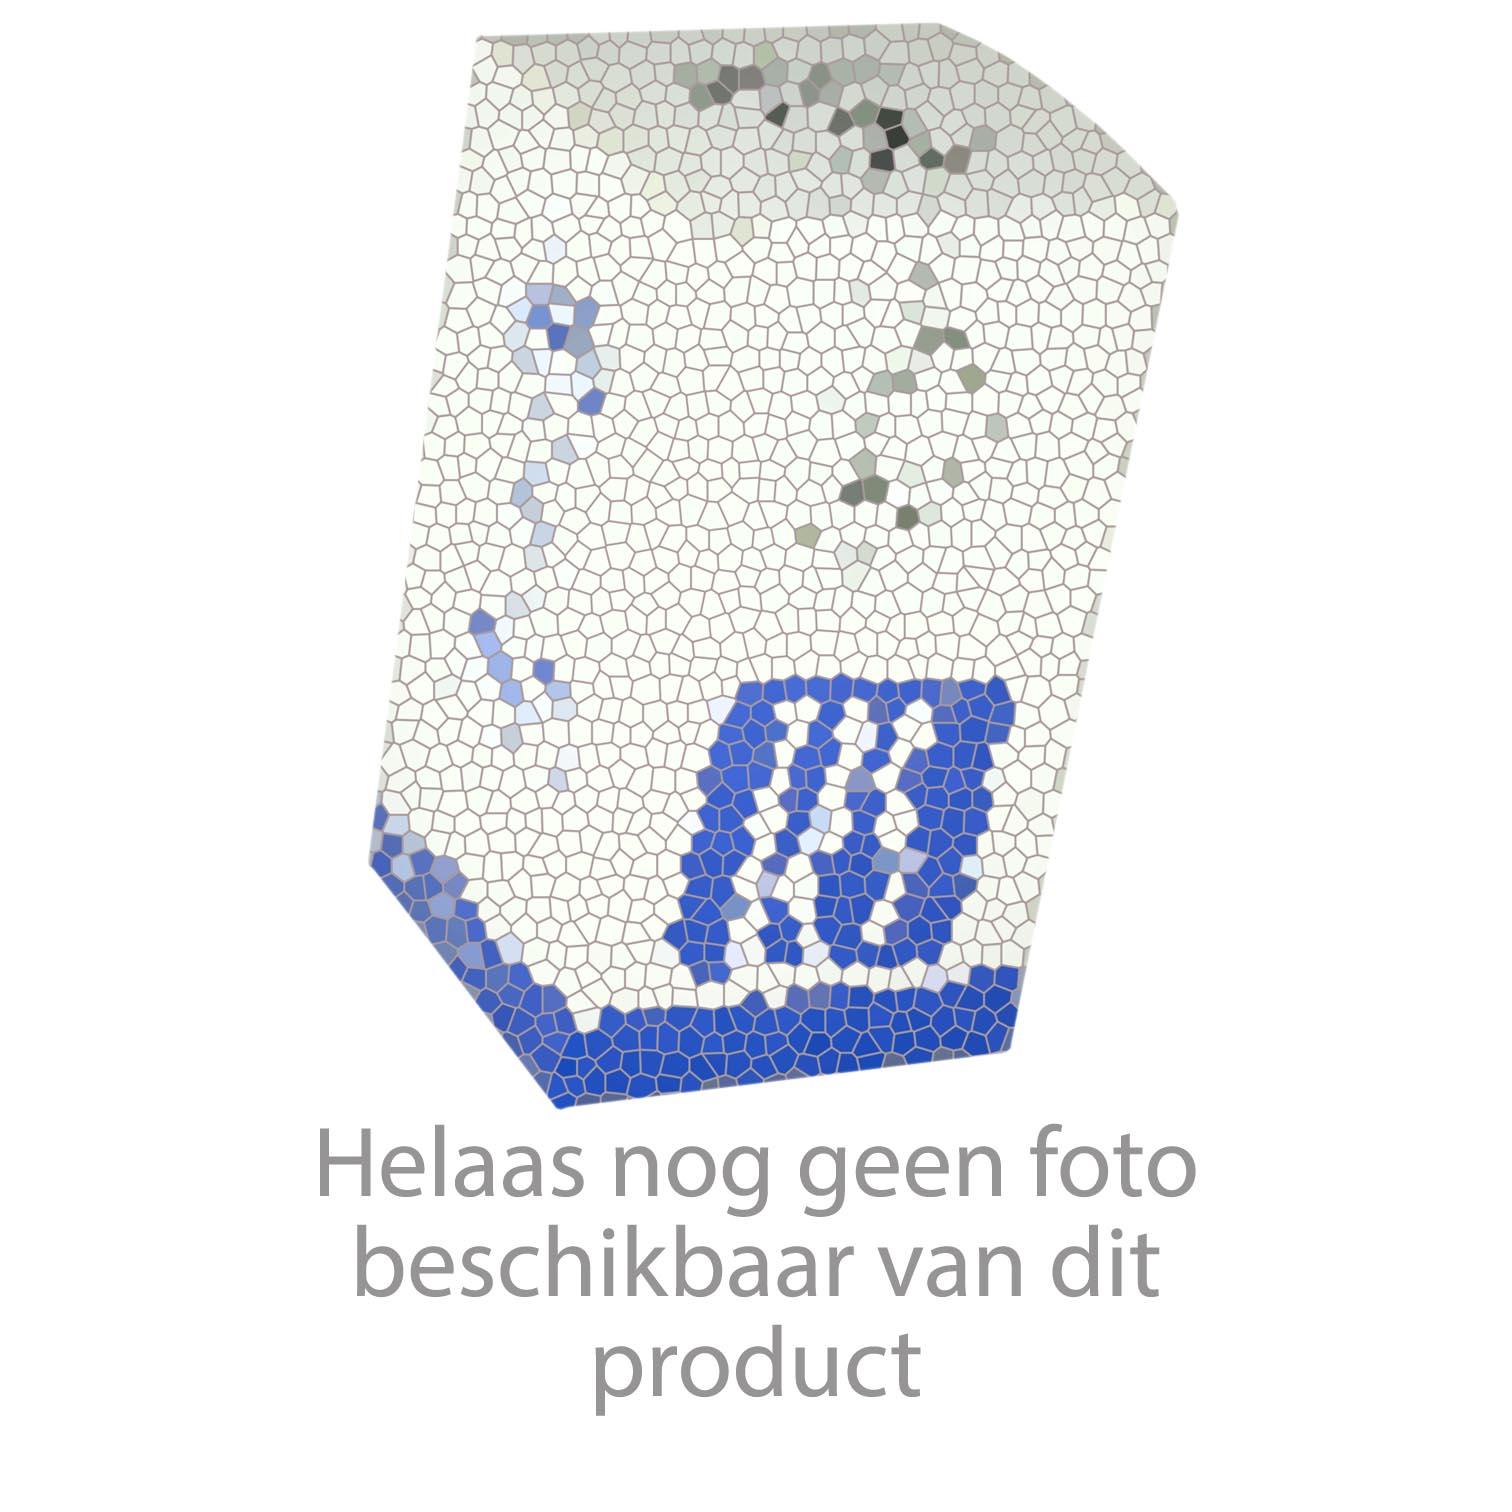 HansGrohe Keukenmengkranen Allegra Steel productiejaar 04/99 - 12/04 35812800 onderdelen